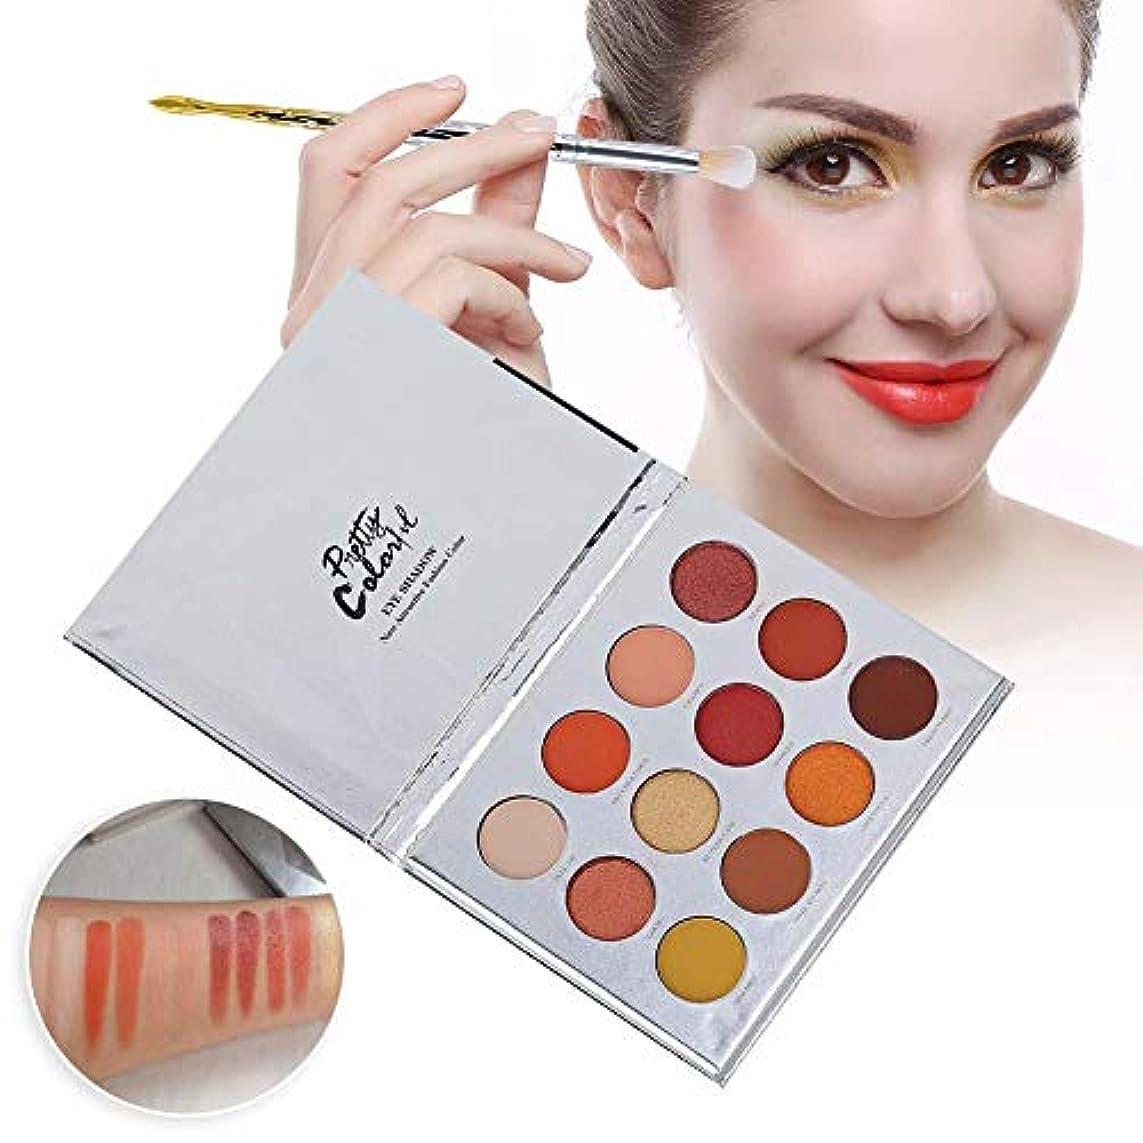 聞きます国勢調査力学アイシャドウパレット 12色 化粧マット 化粧品ツール グロス アイシャドウパウダー